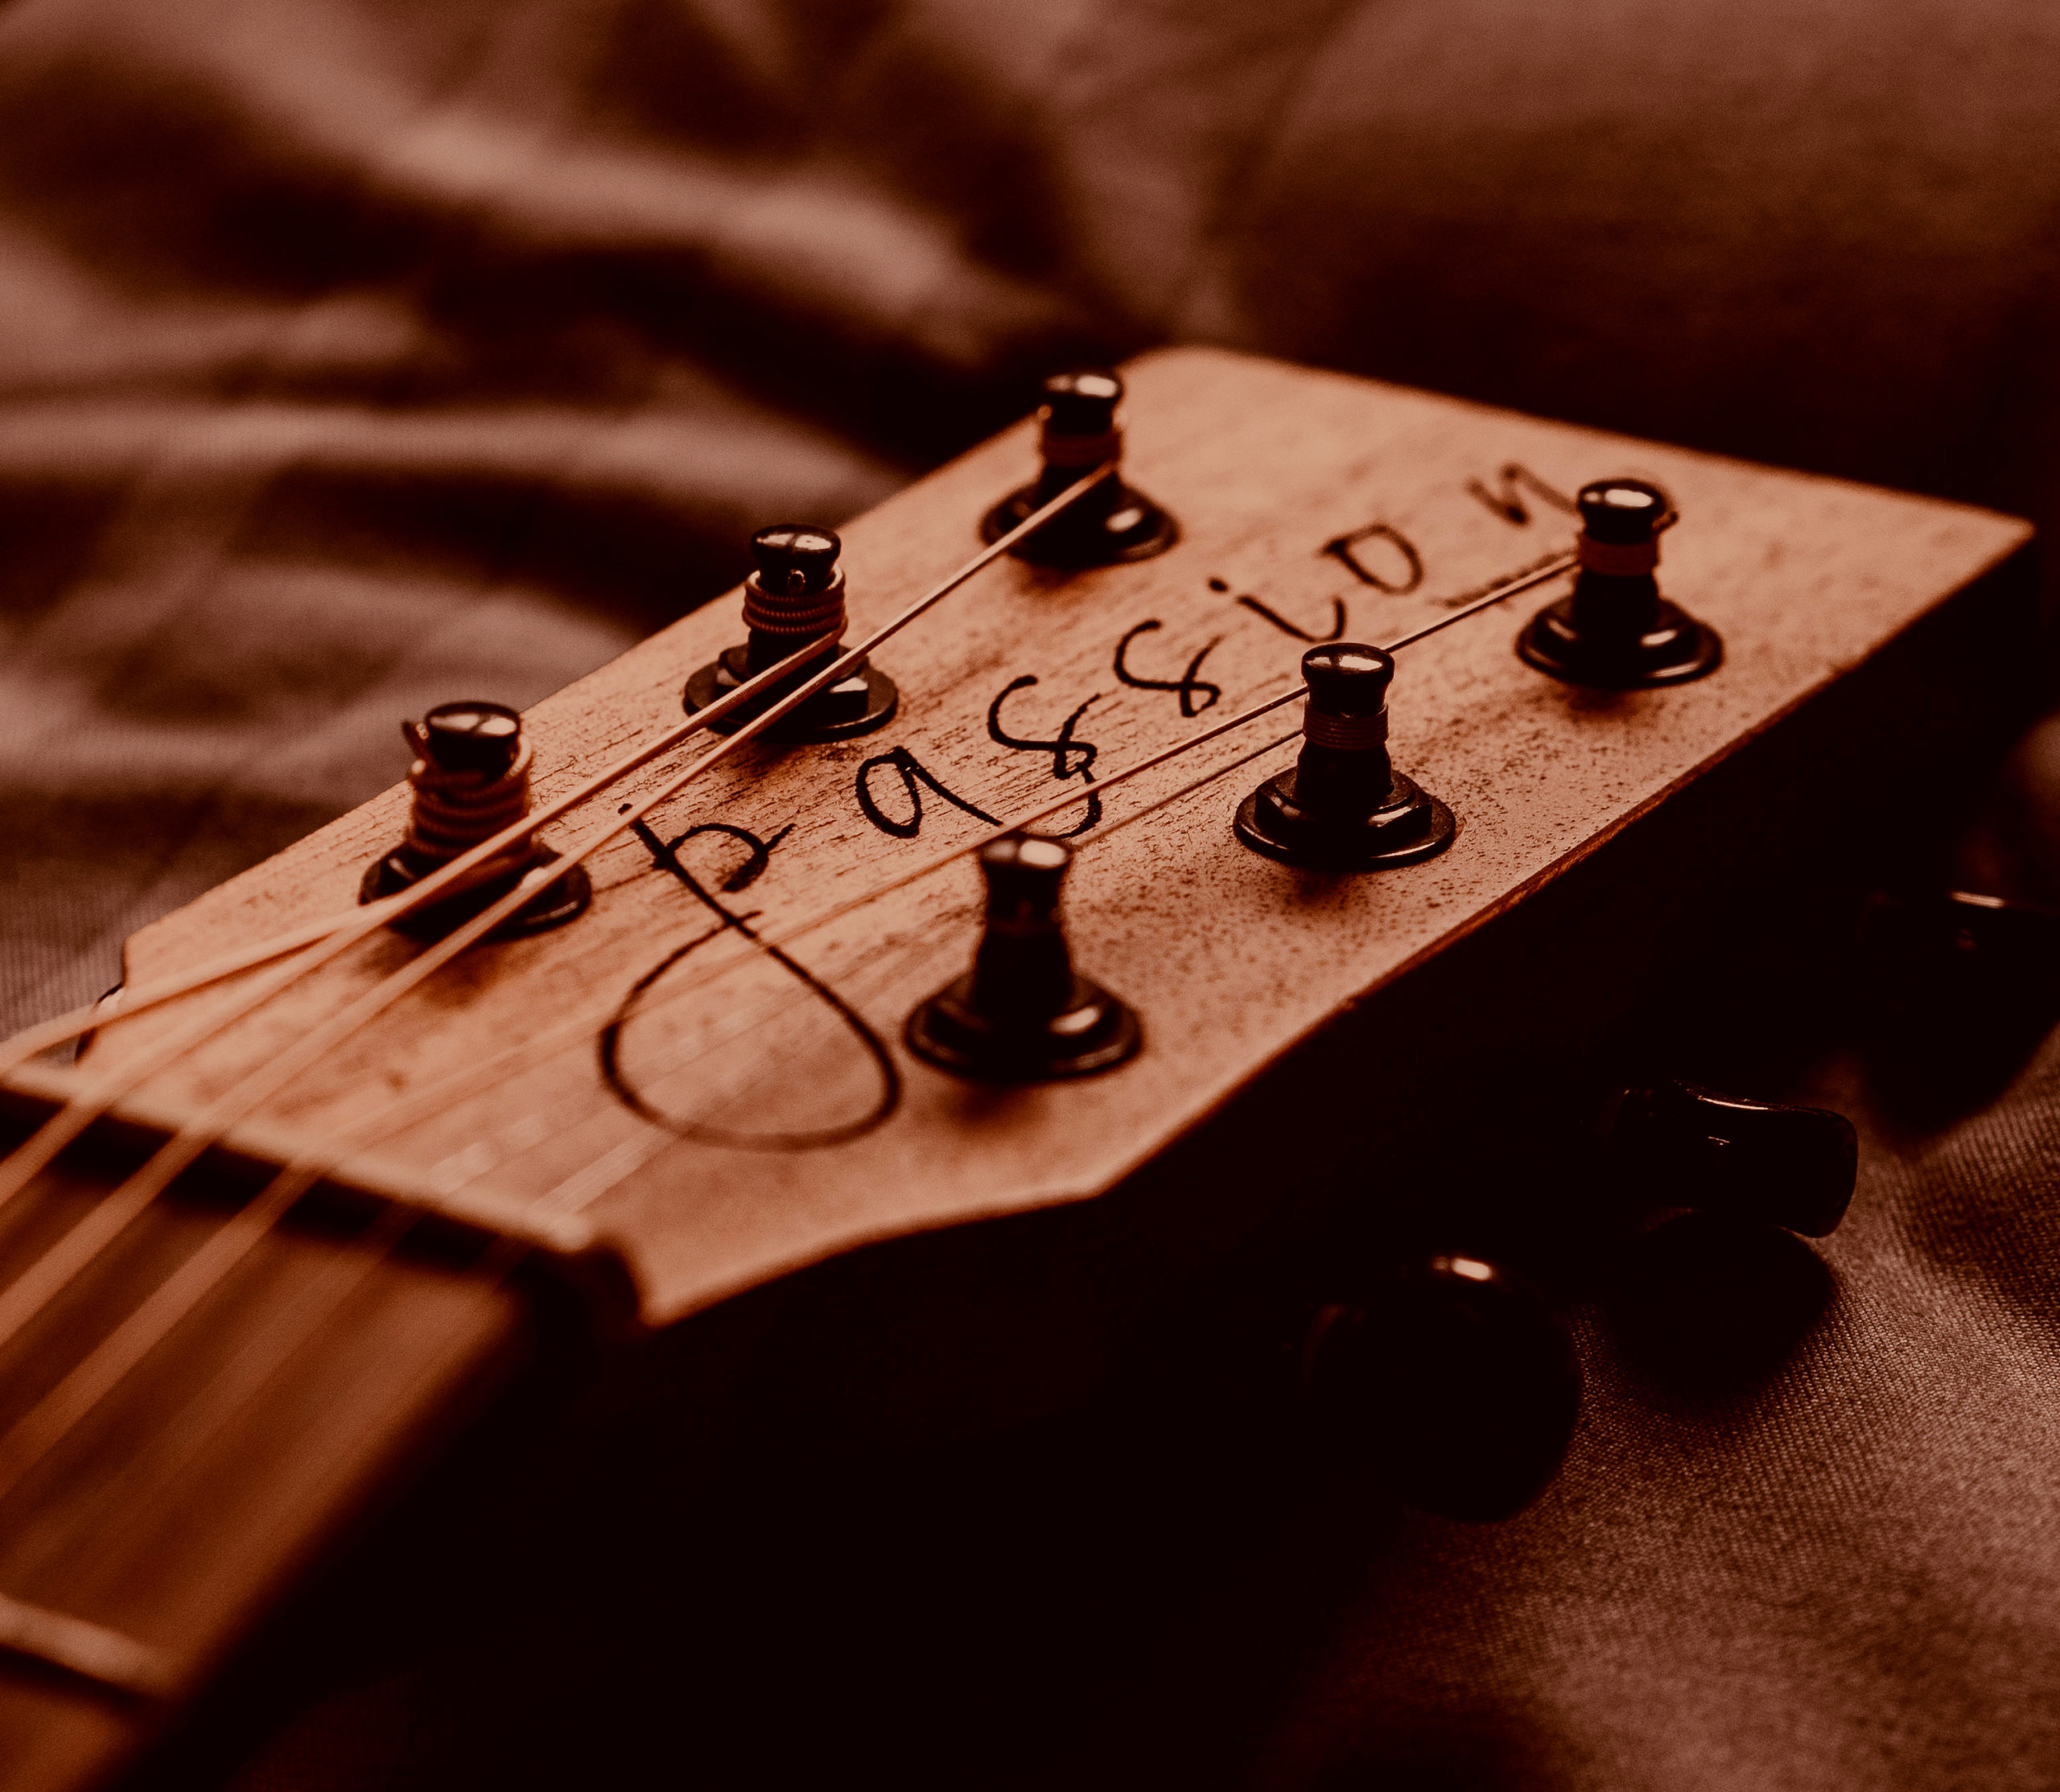 création originale, musique, chanson, avec passion